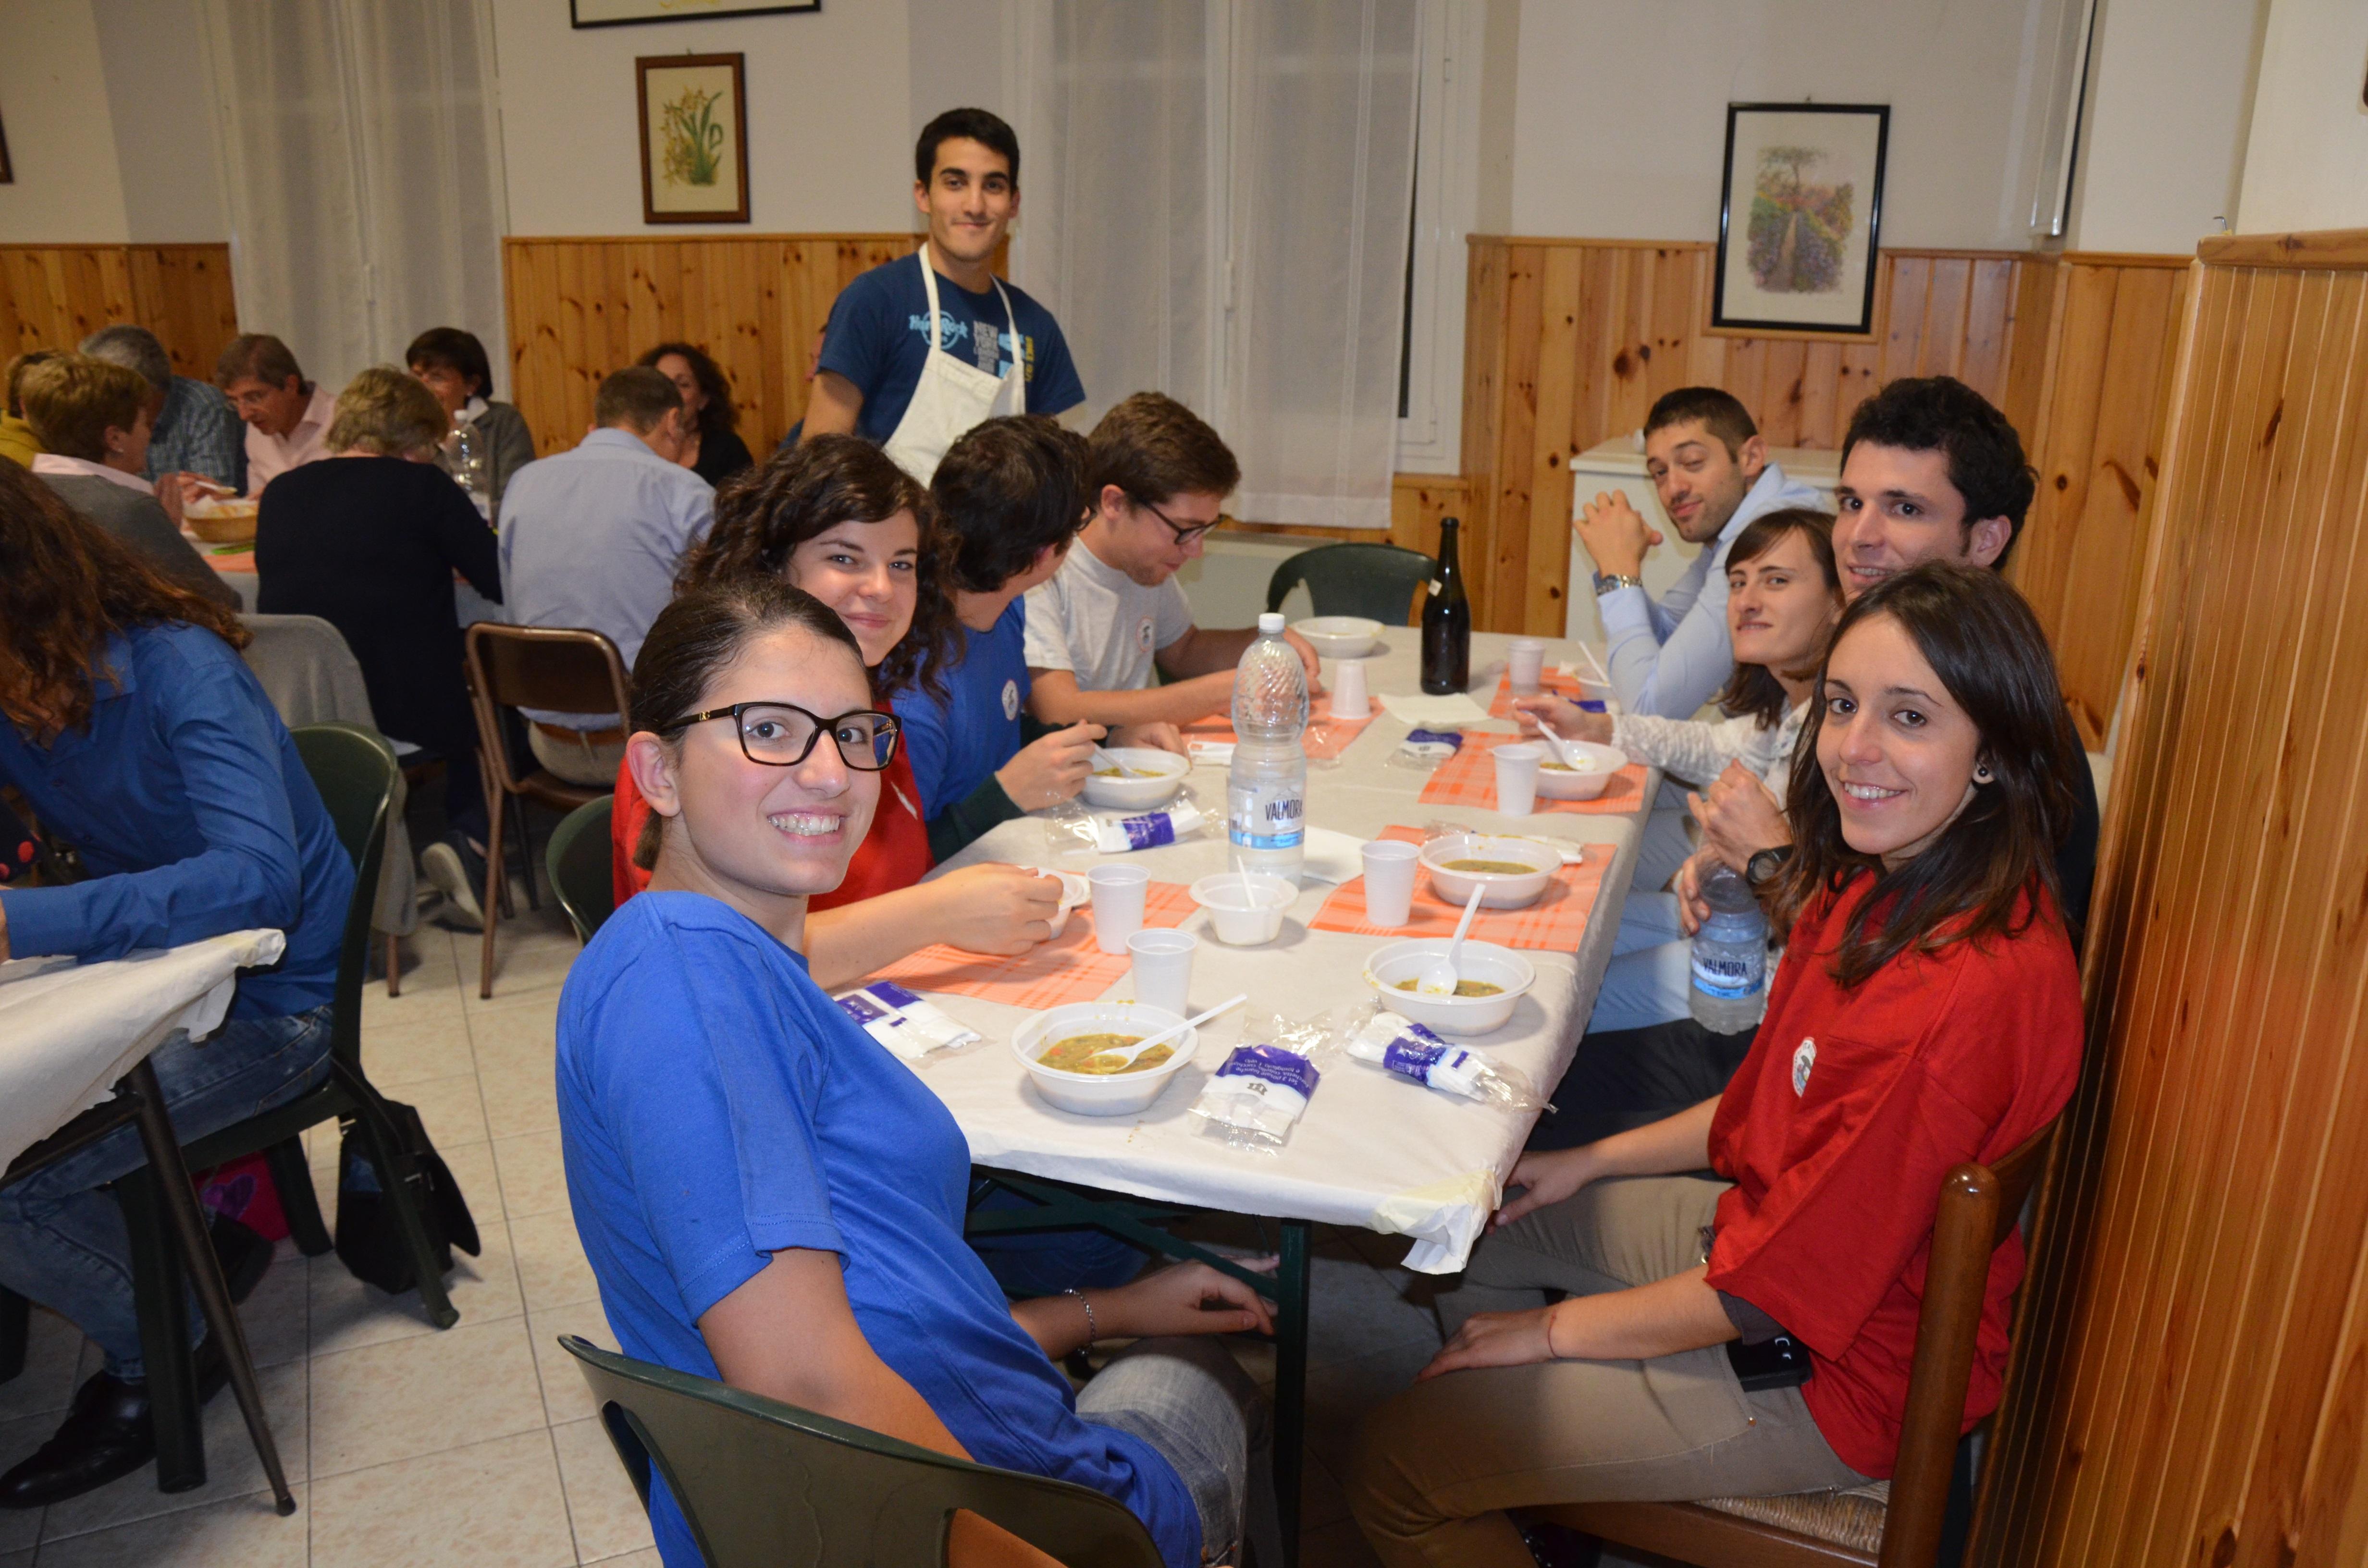 Ott. 2015 - Manesseno (GE) - tempo di cena anche per i giovani (1° p.)